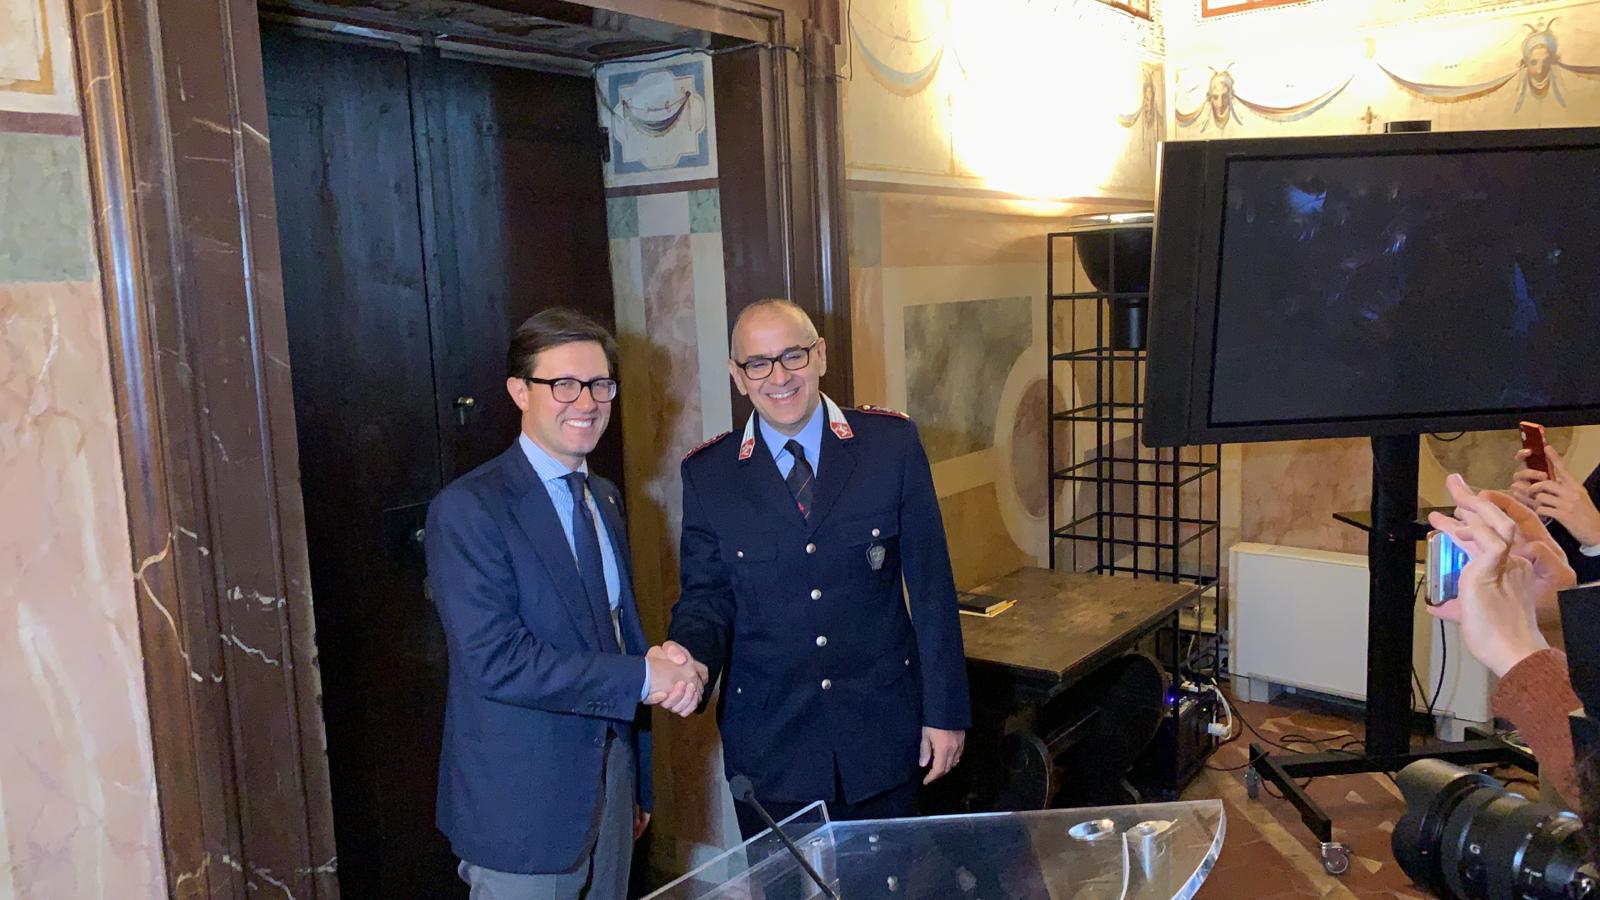 La sicurezza a Firenze si può migliorare